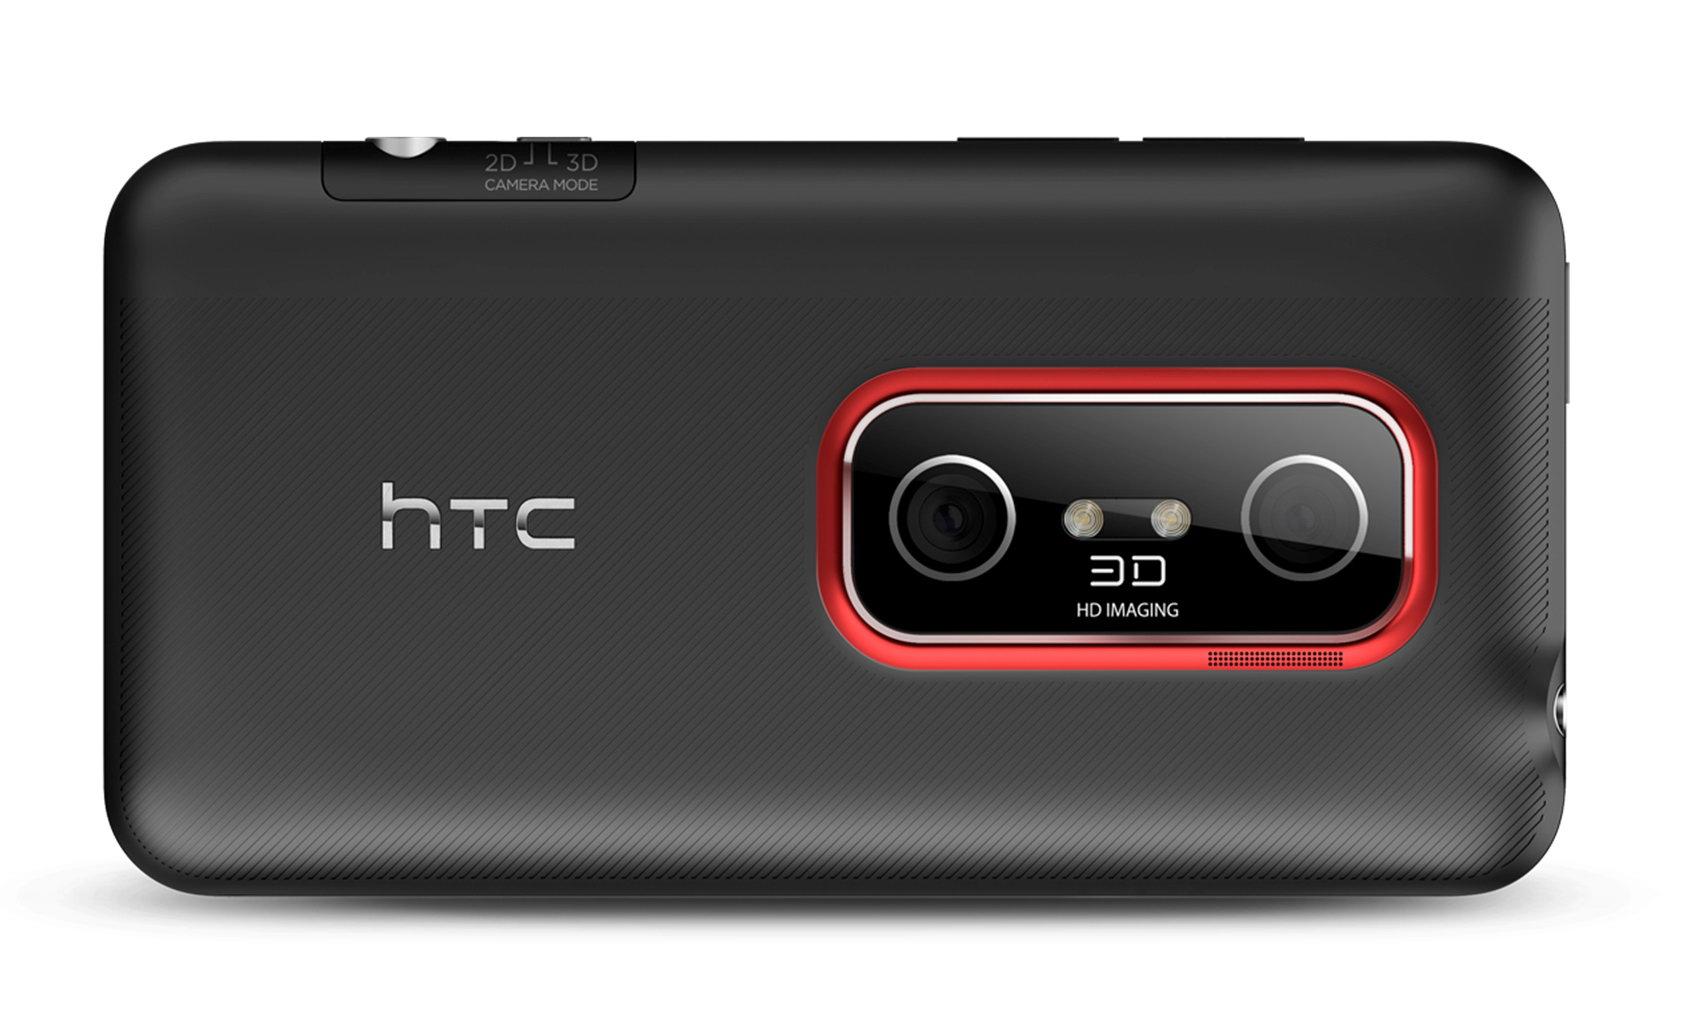 Смартфон HTC EVO 3D: вид задней панели и 3D-камеры